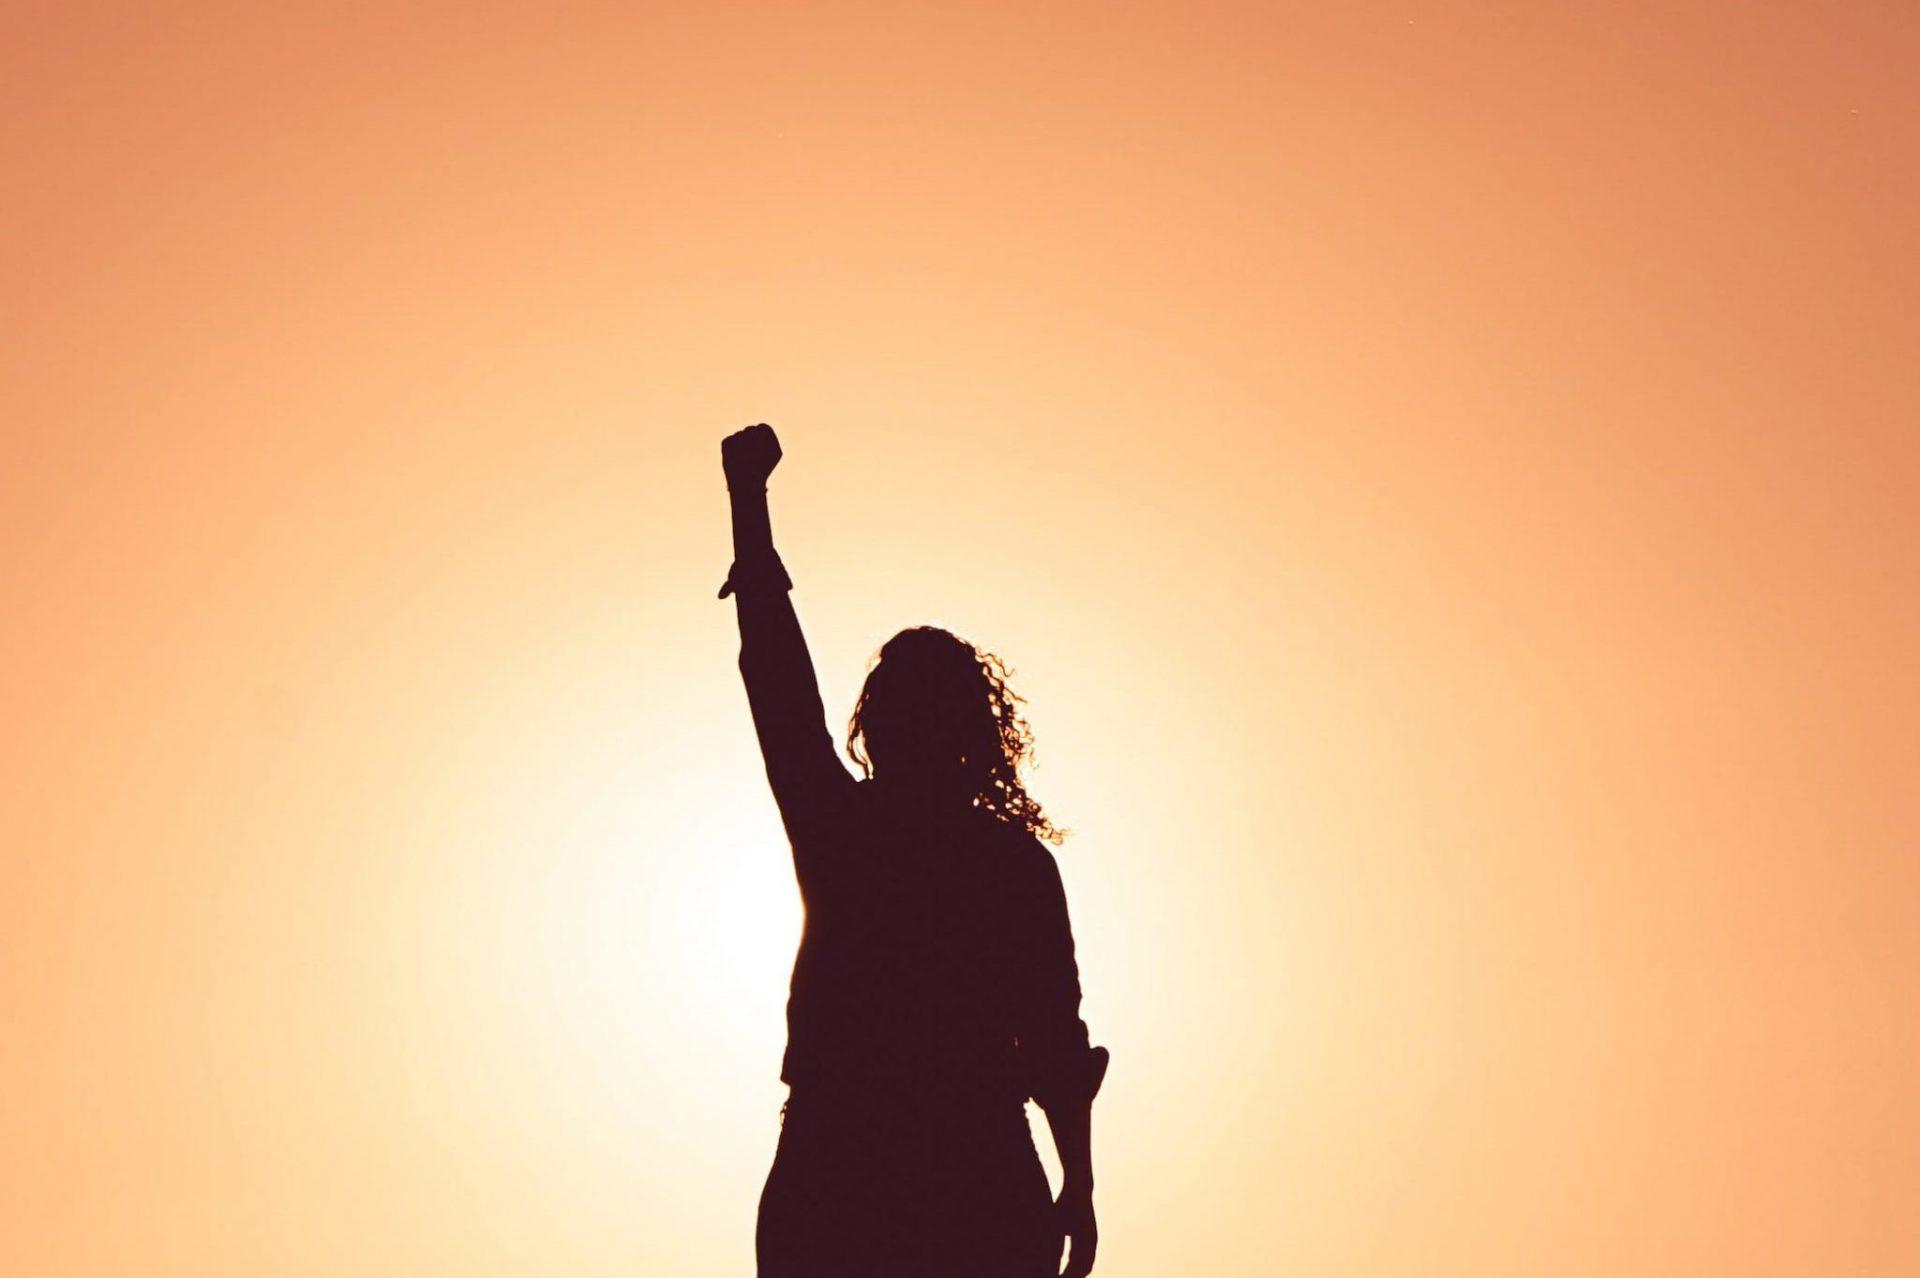 Eine Frau im Sonnenaufgang reckt die Faust in die Höhe